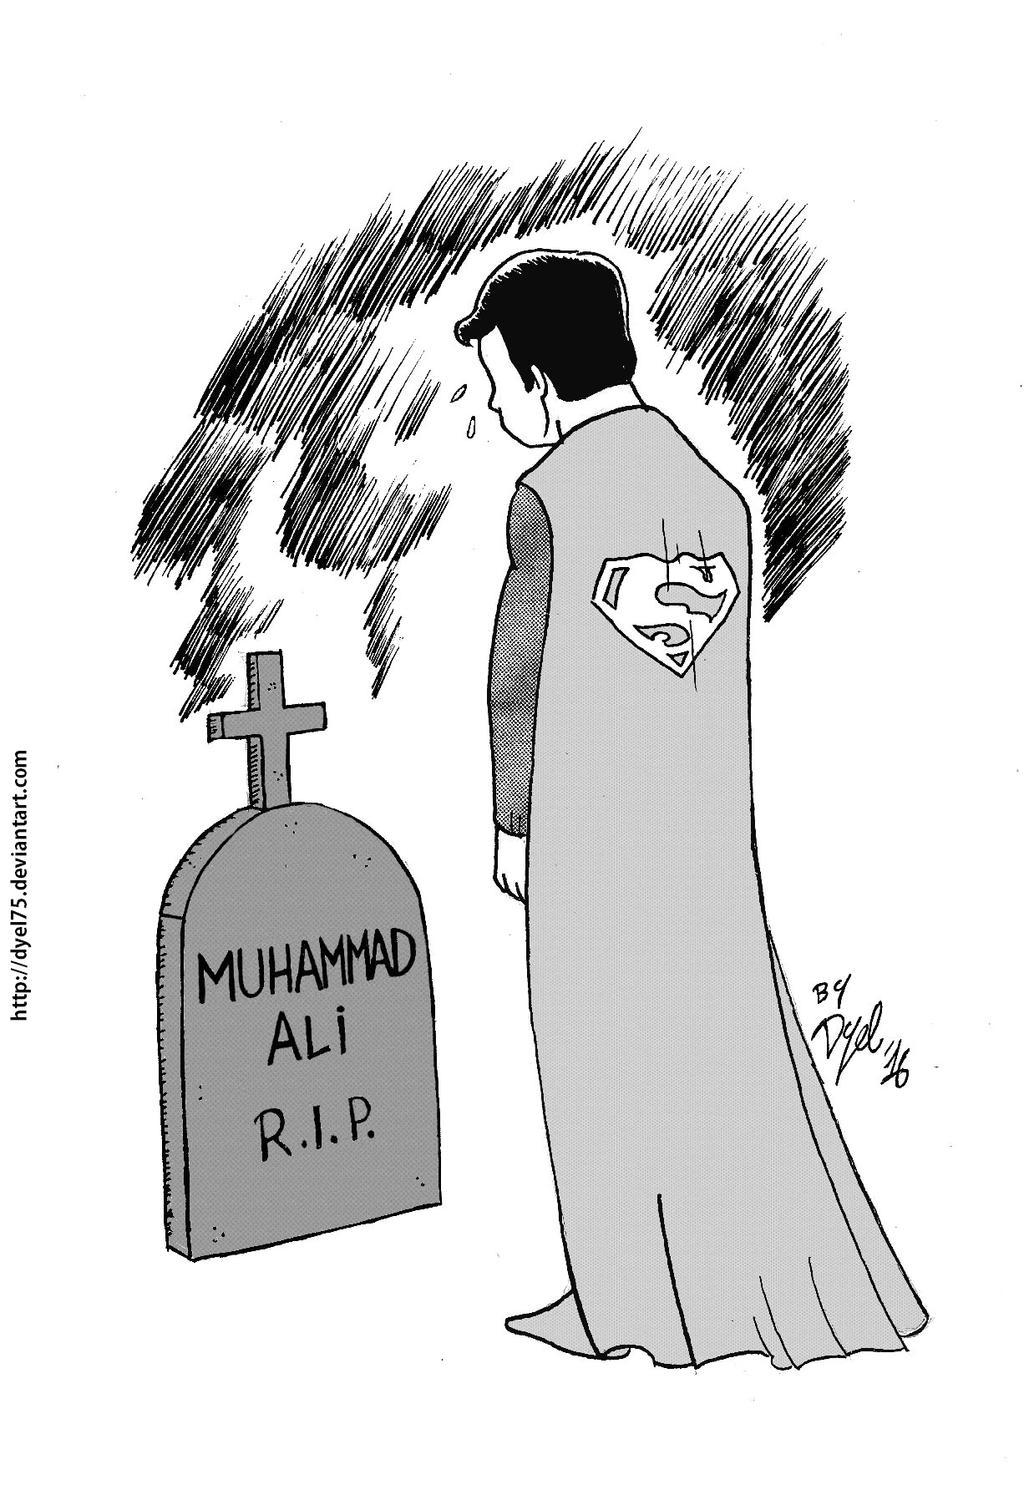 R.I.P. Muhammad Ali by Dyel75